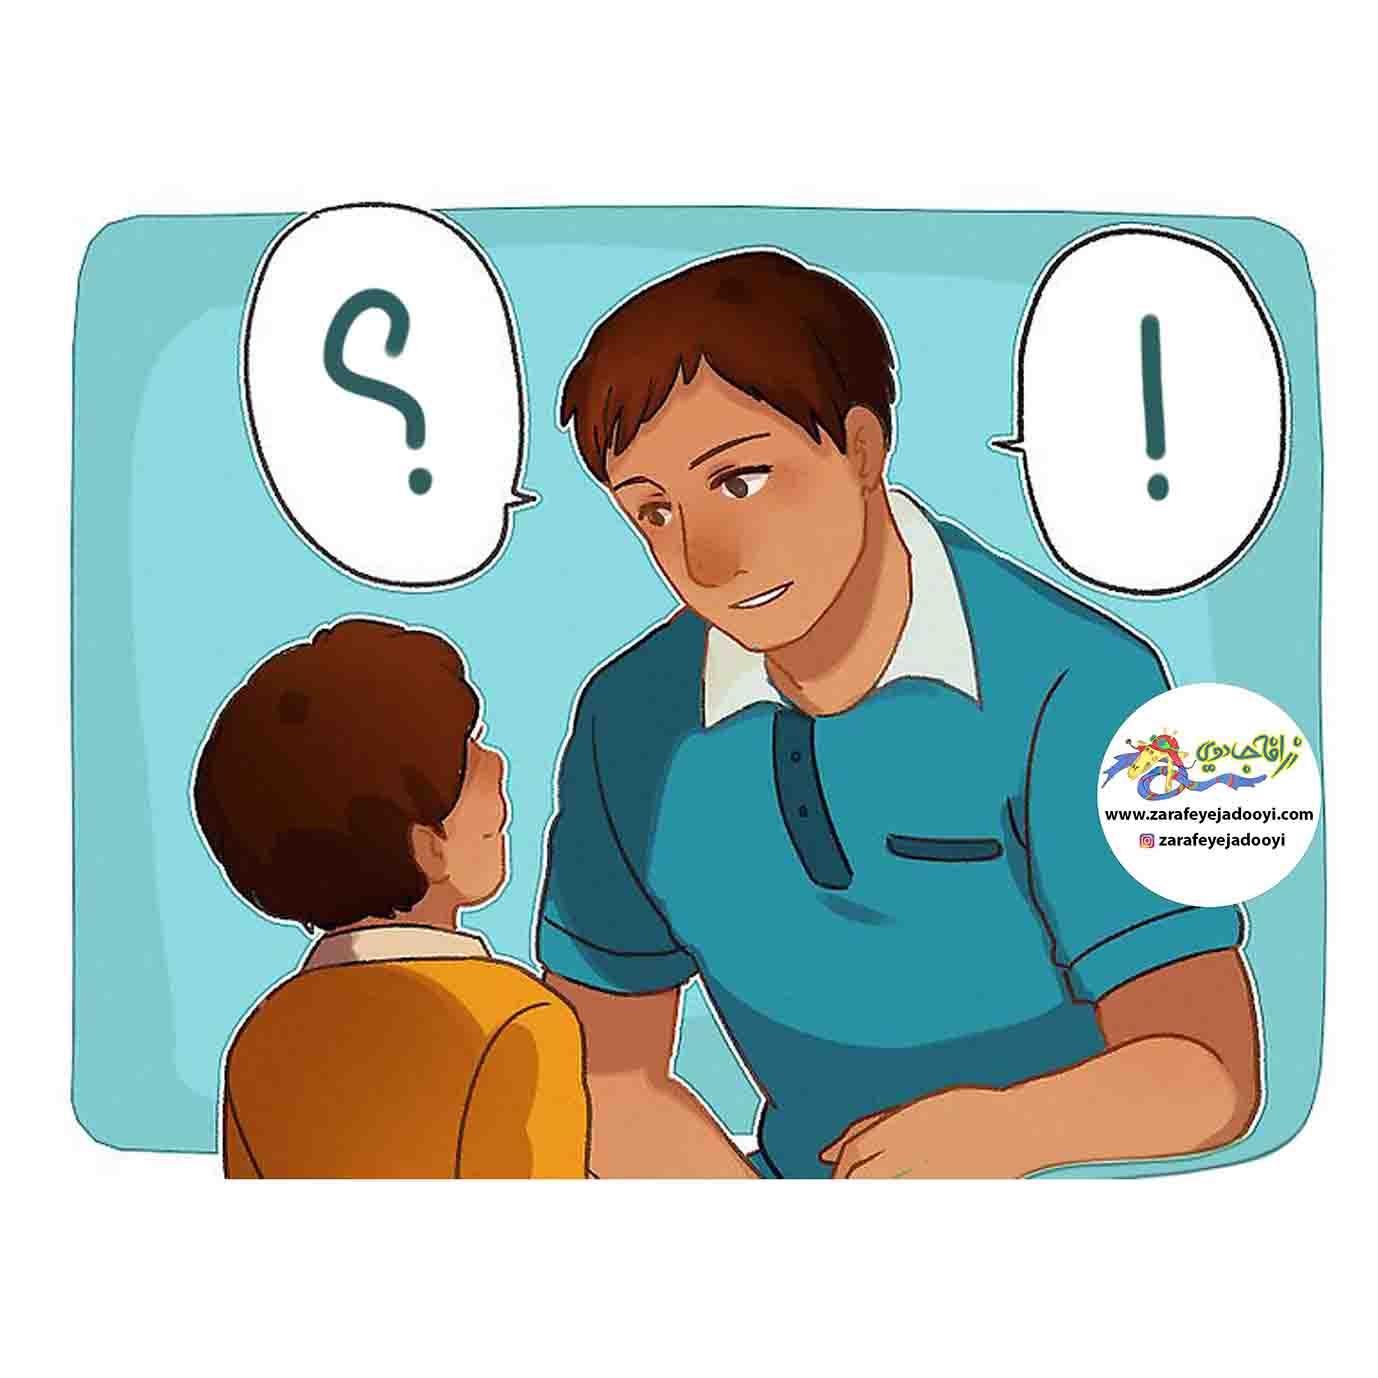 زرافه جادویی -روبرو شدن والدین با پرسشهای کودکان 1